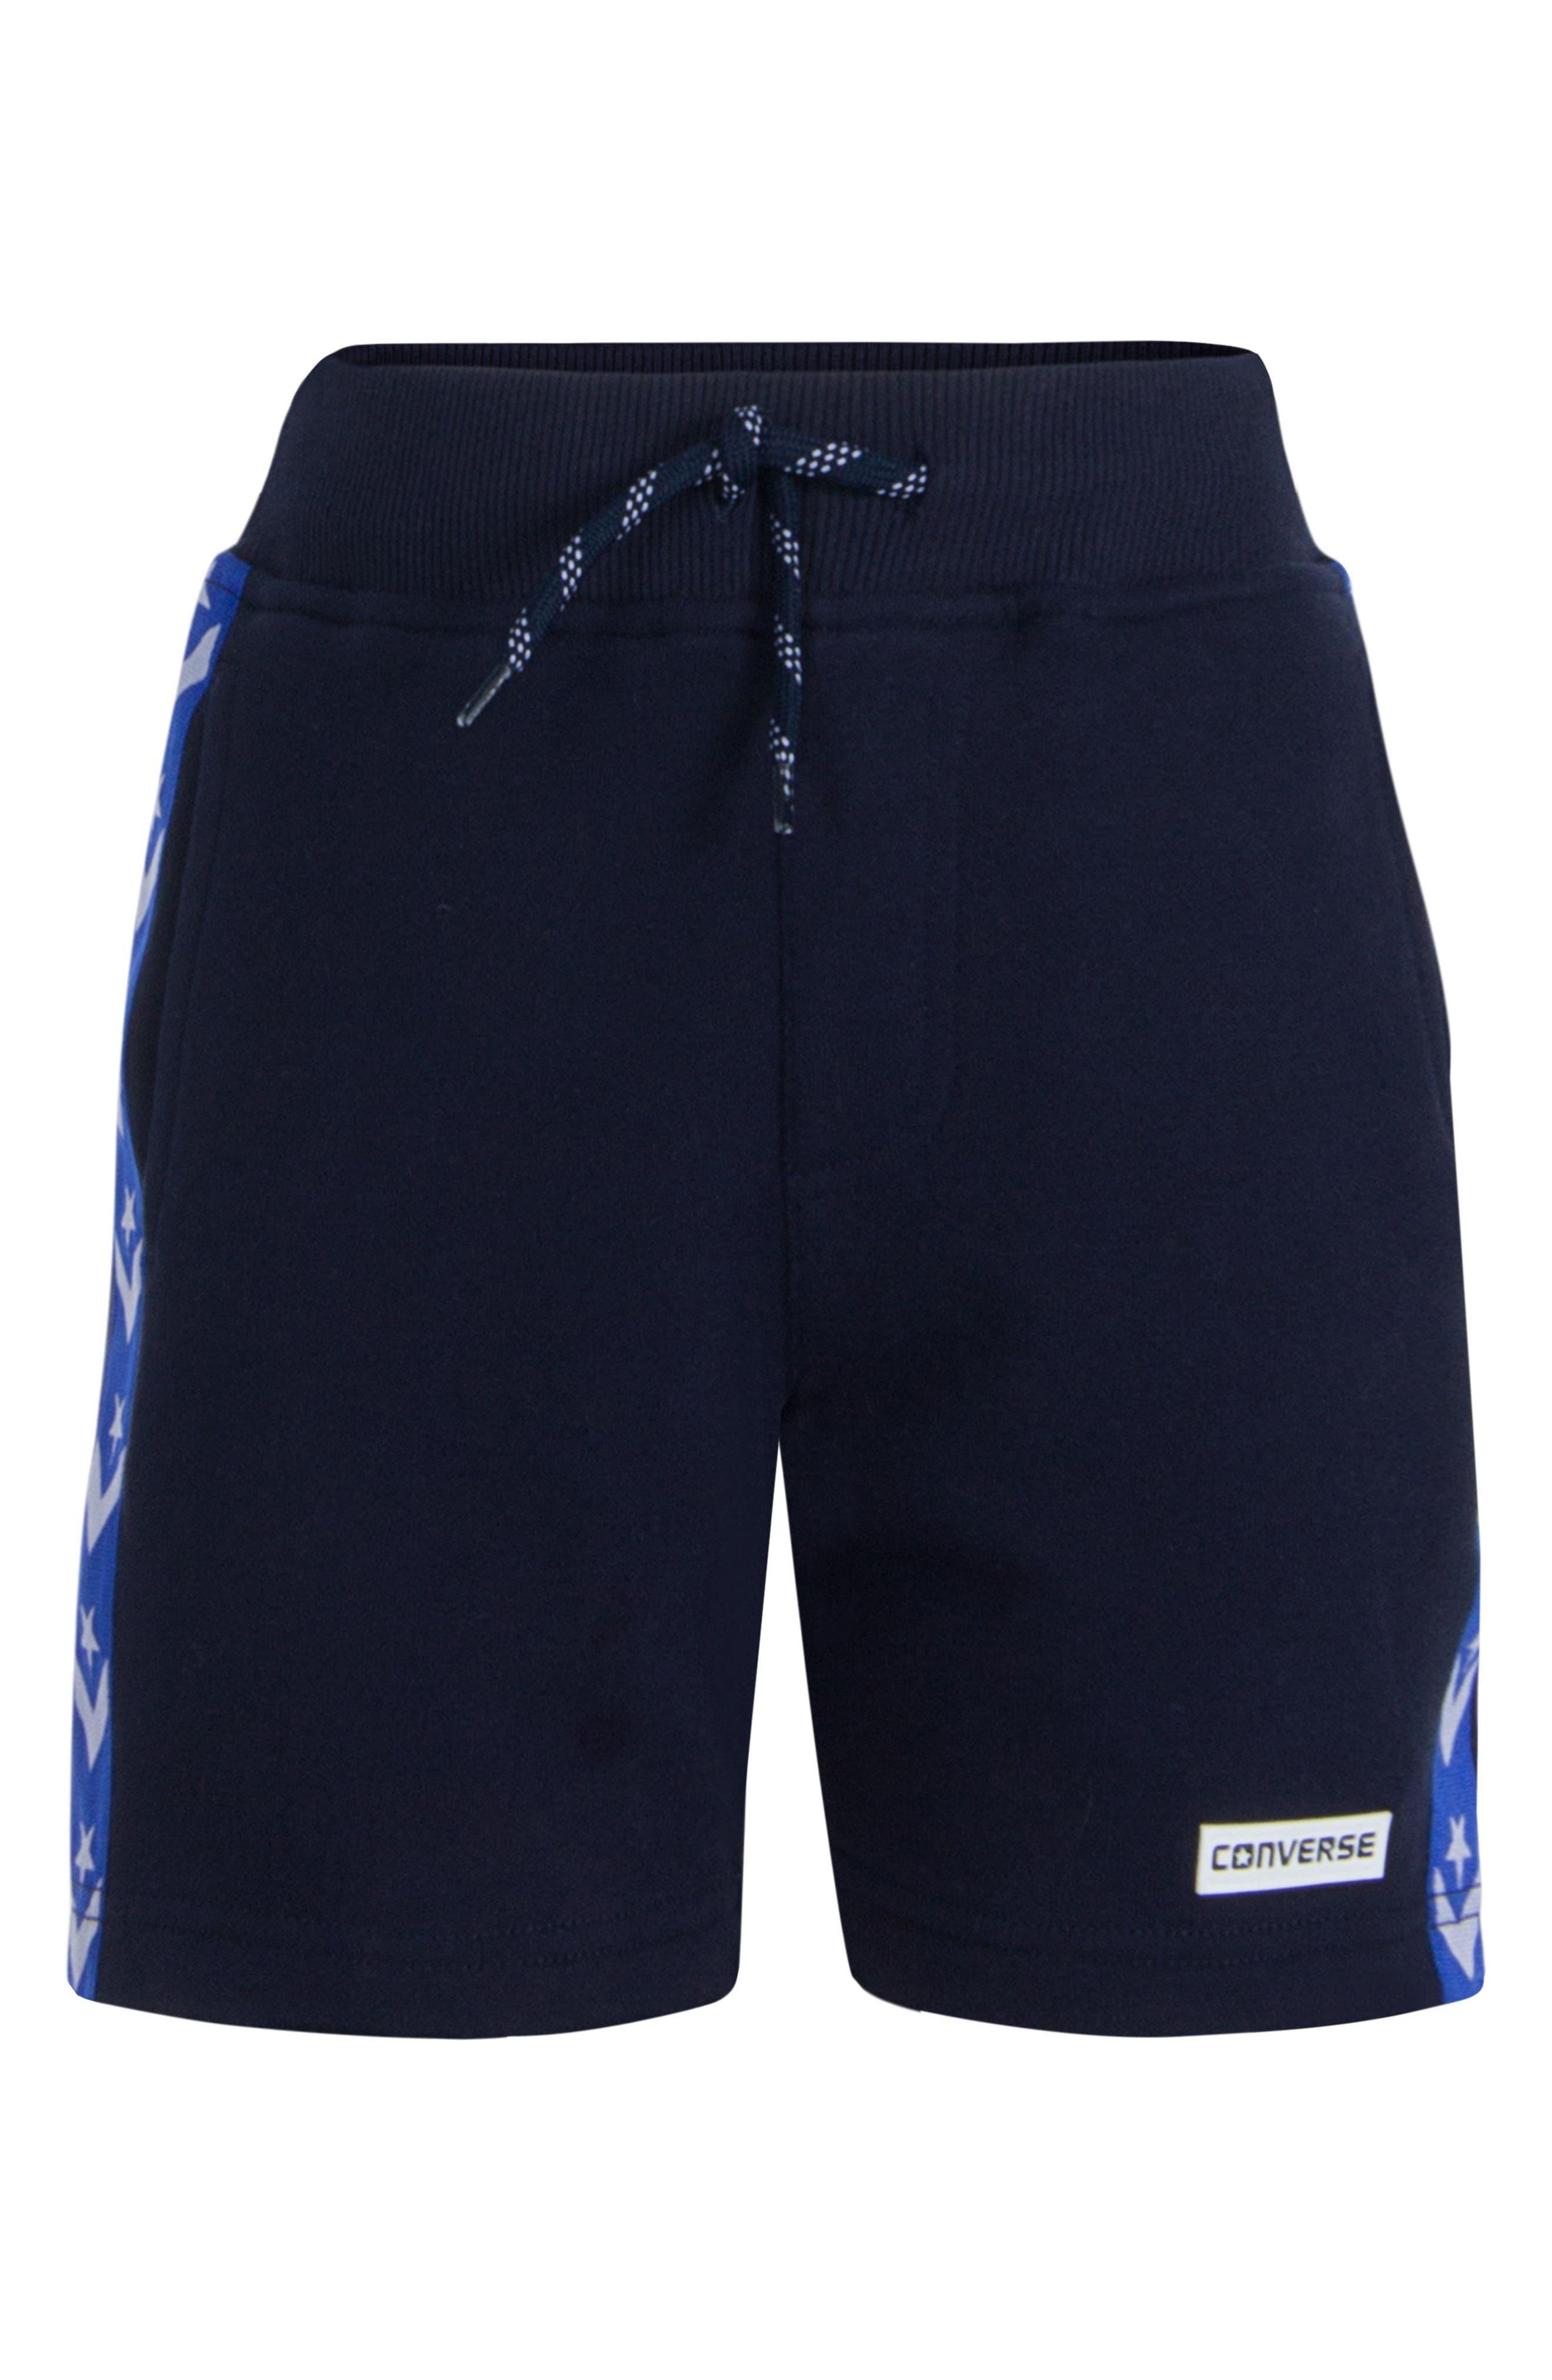 Star Knit Shorts,                             Main thumbnail 1, color,                             Obsidian